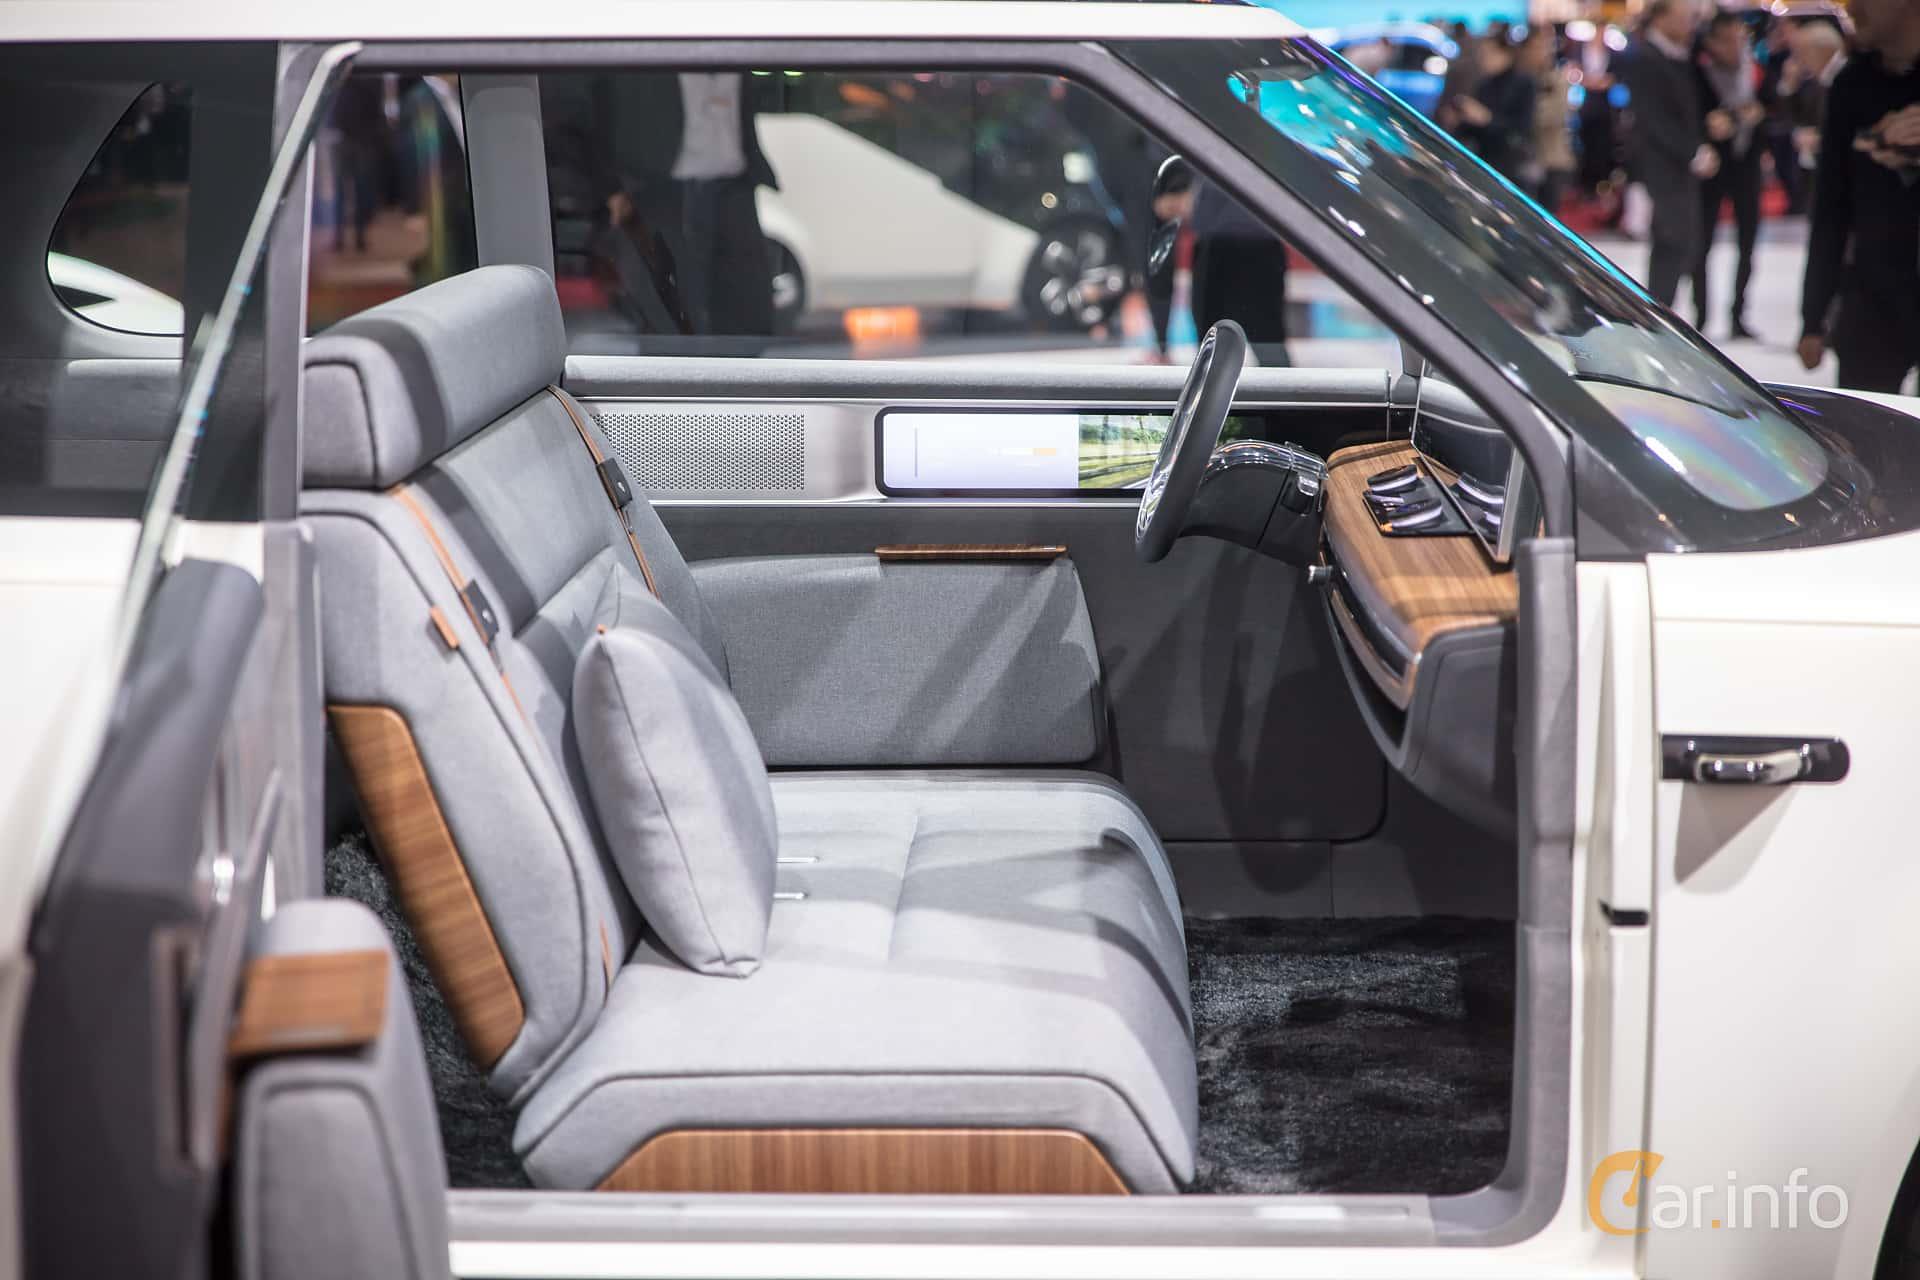 Honda Urban EV Concept Concept, 2017 at Geneva Motor Show 2018